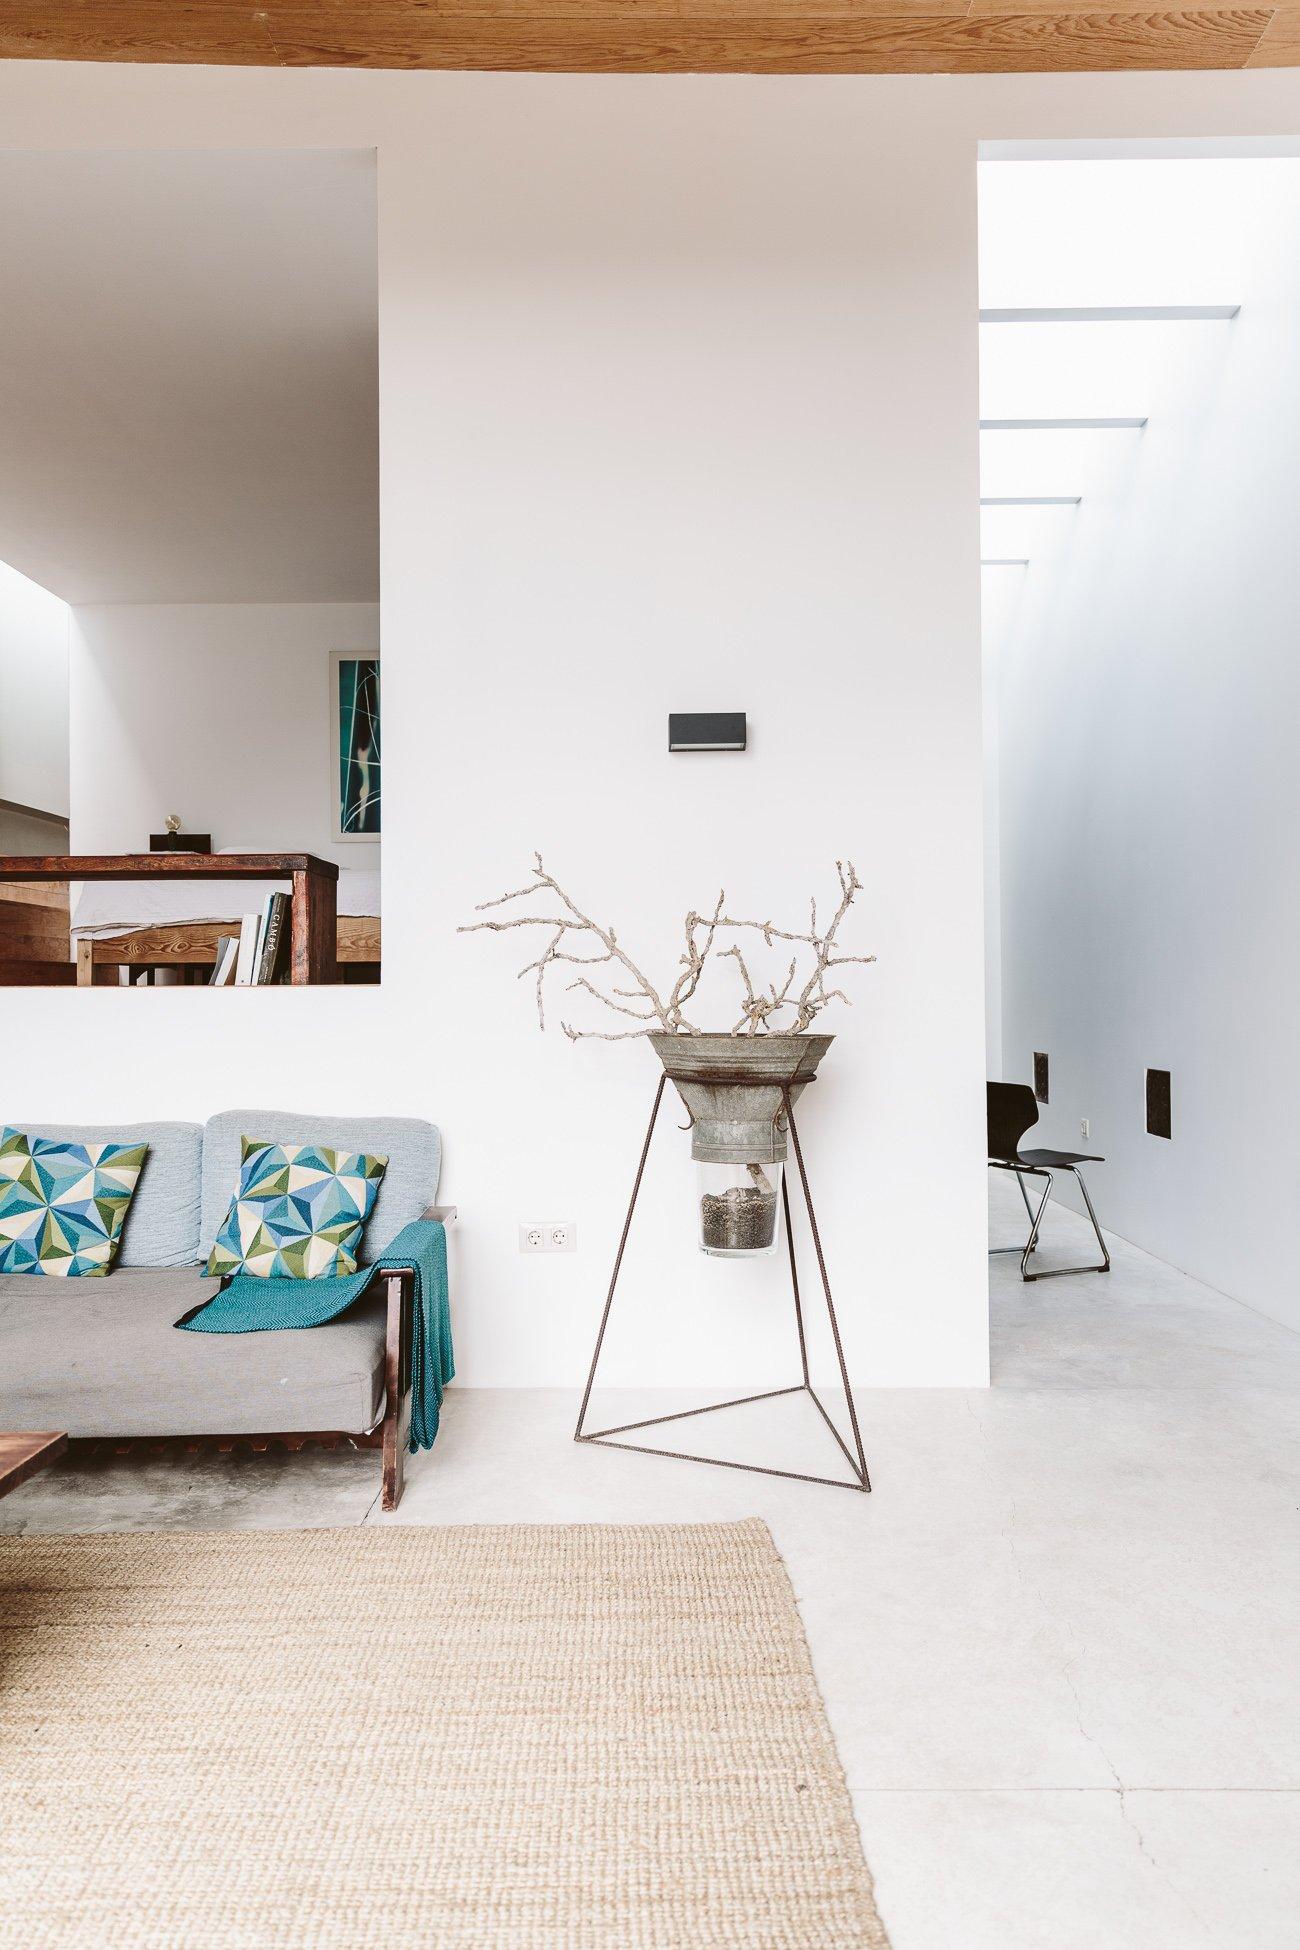 Suite Sur at Buenavista Country Suites Lanzarote